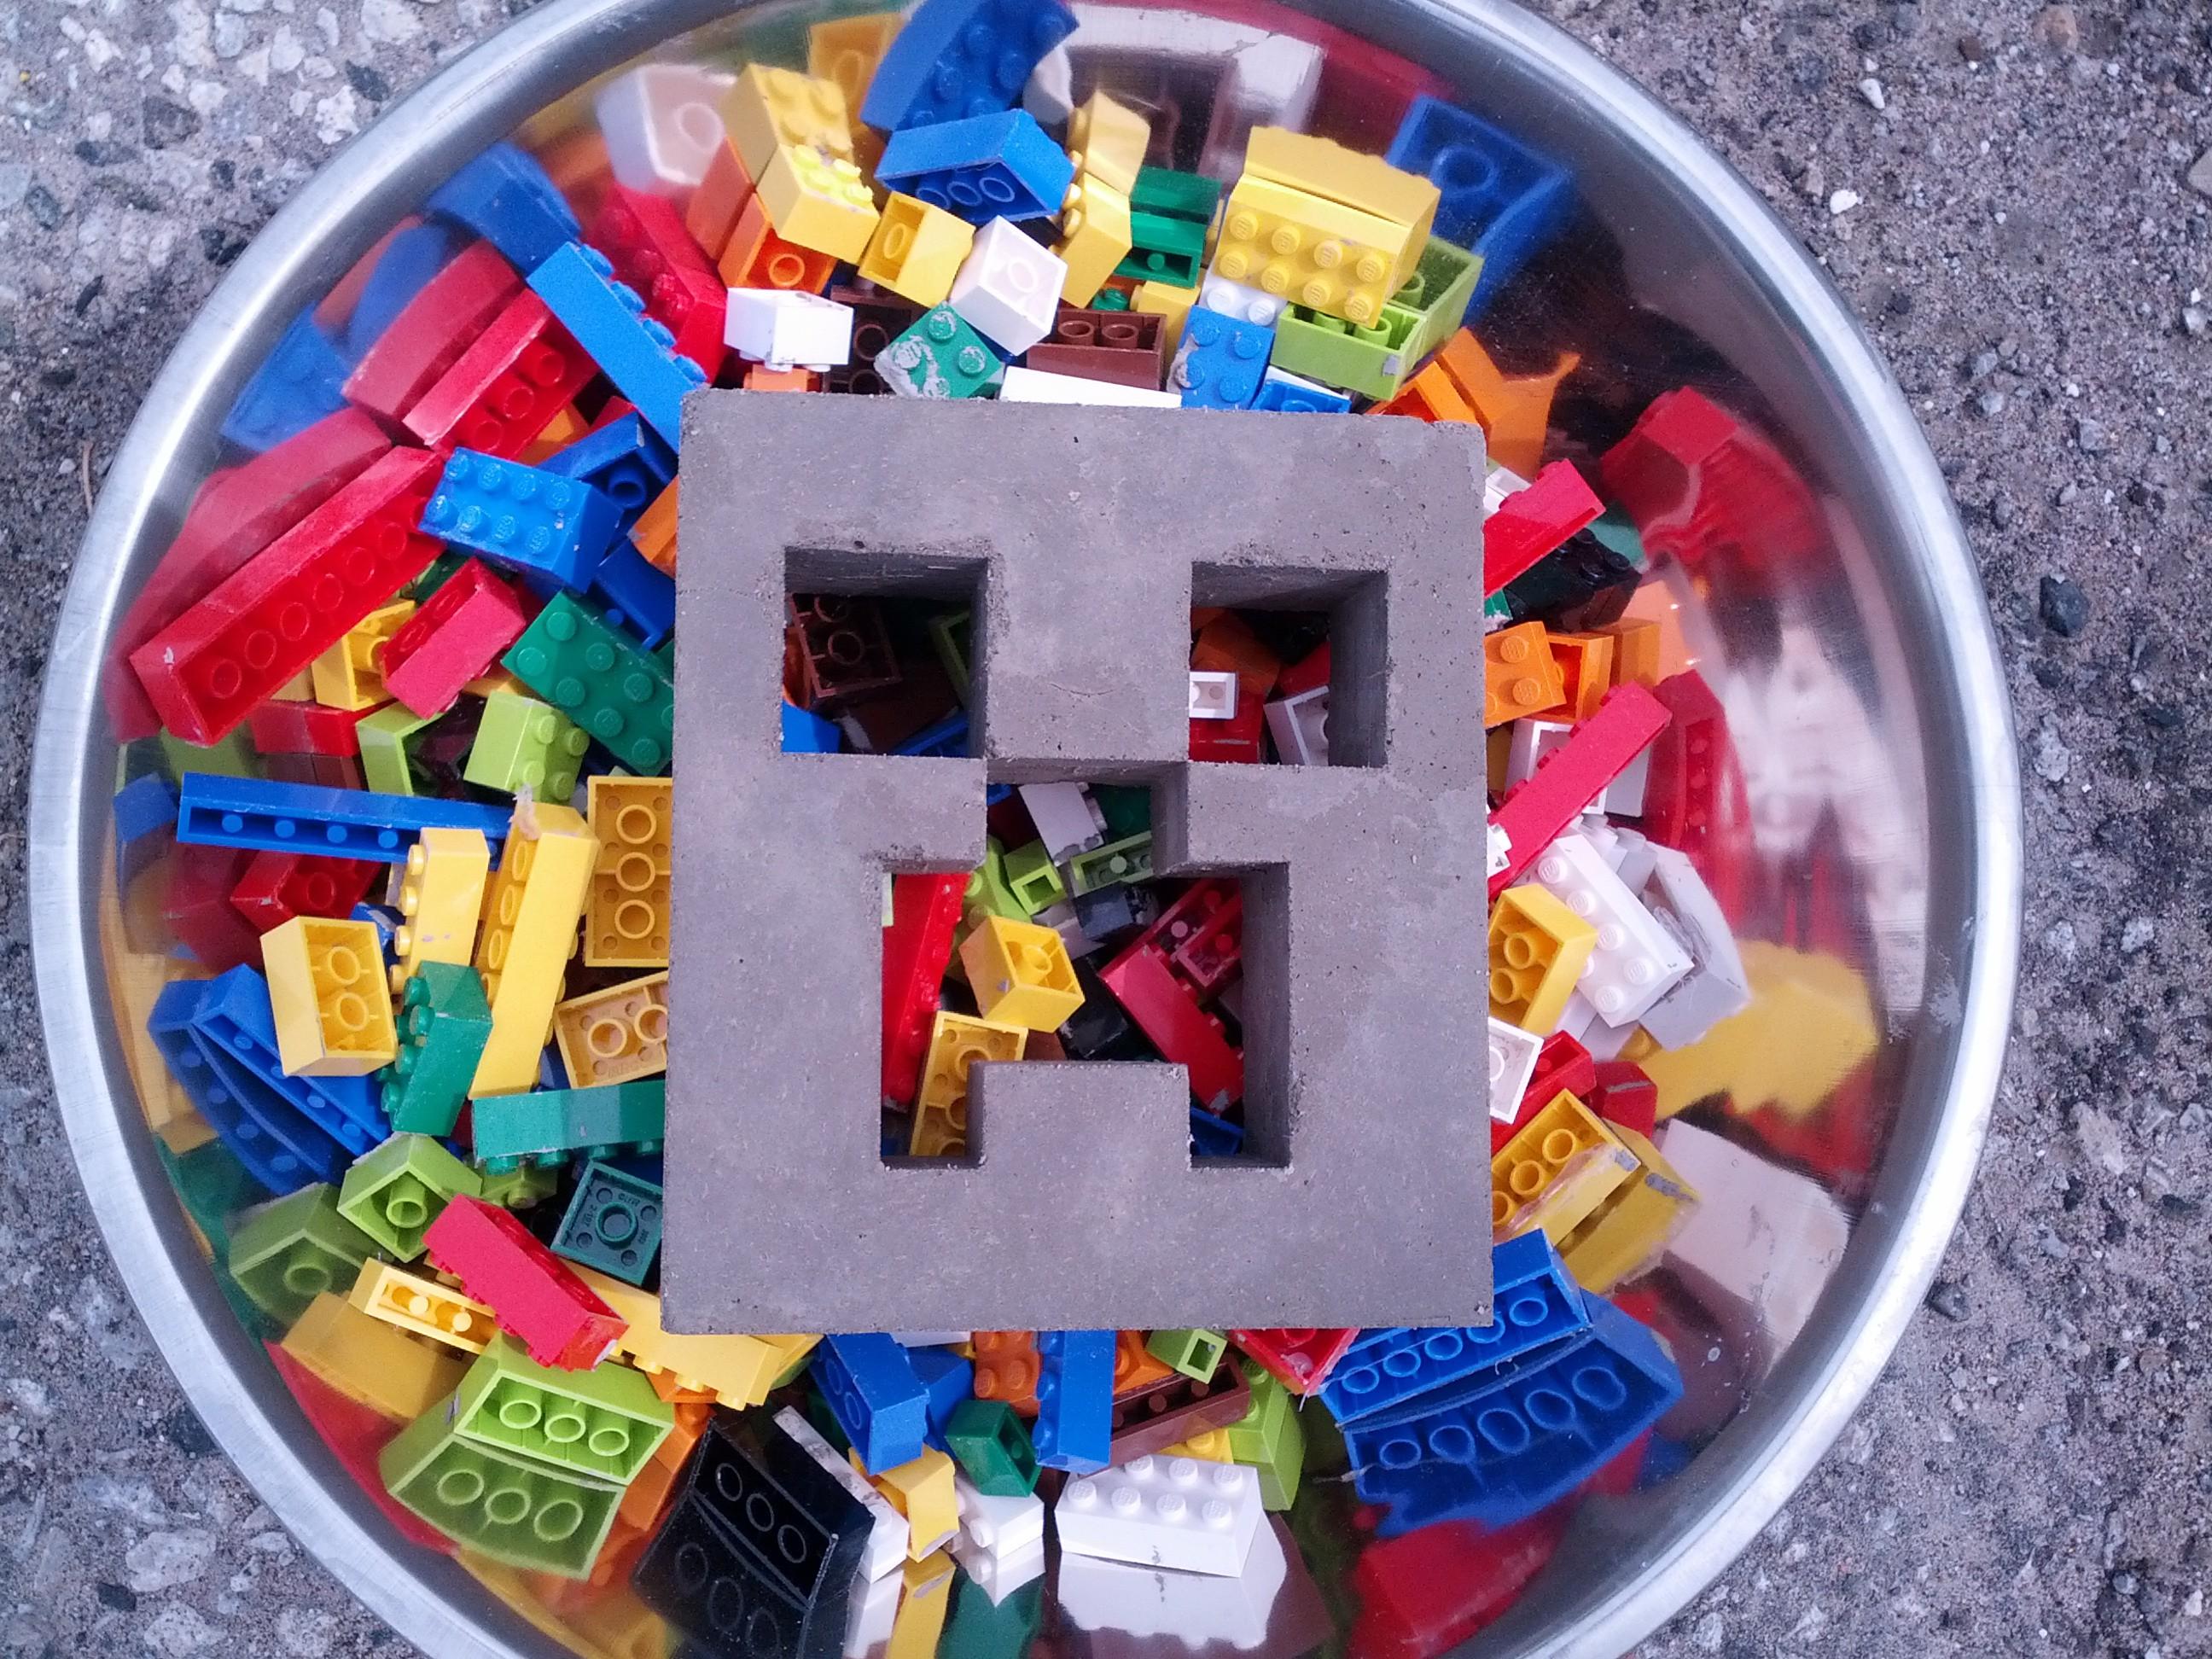 How-To: Concrete Casting with Lego Bricks